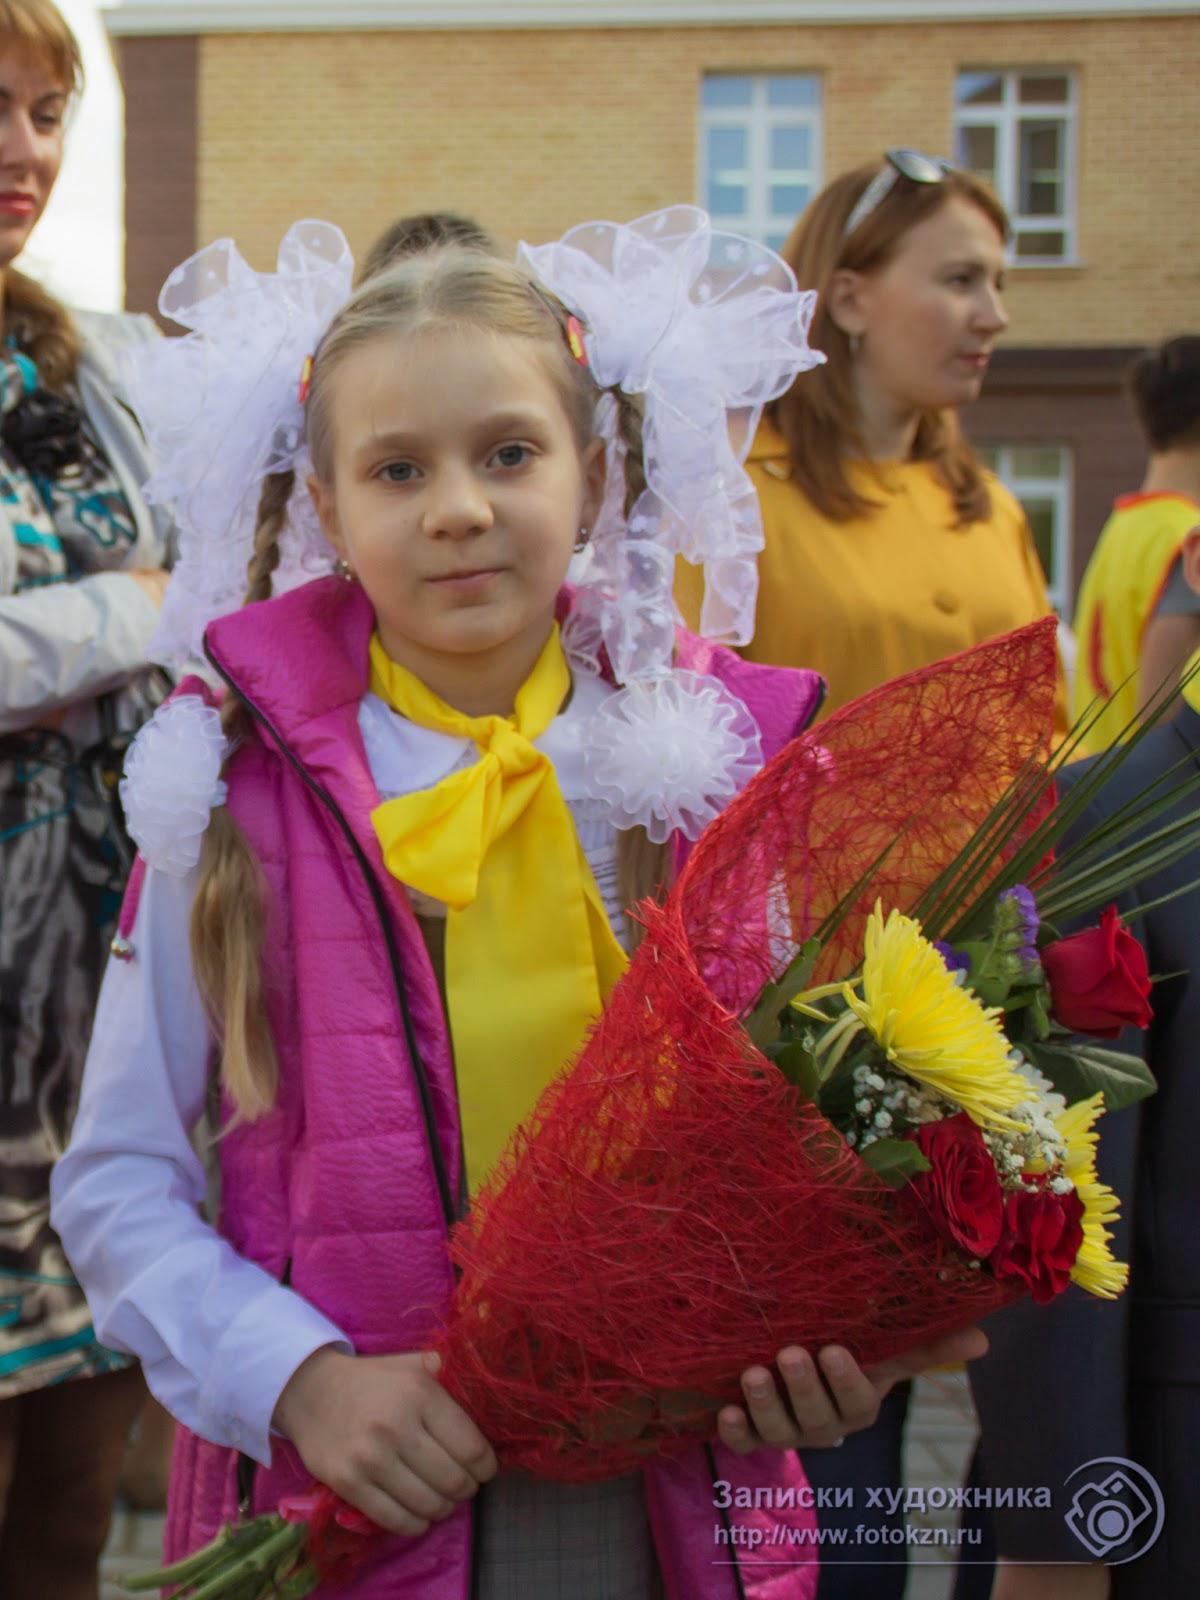 Анастасия Репина